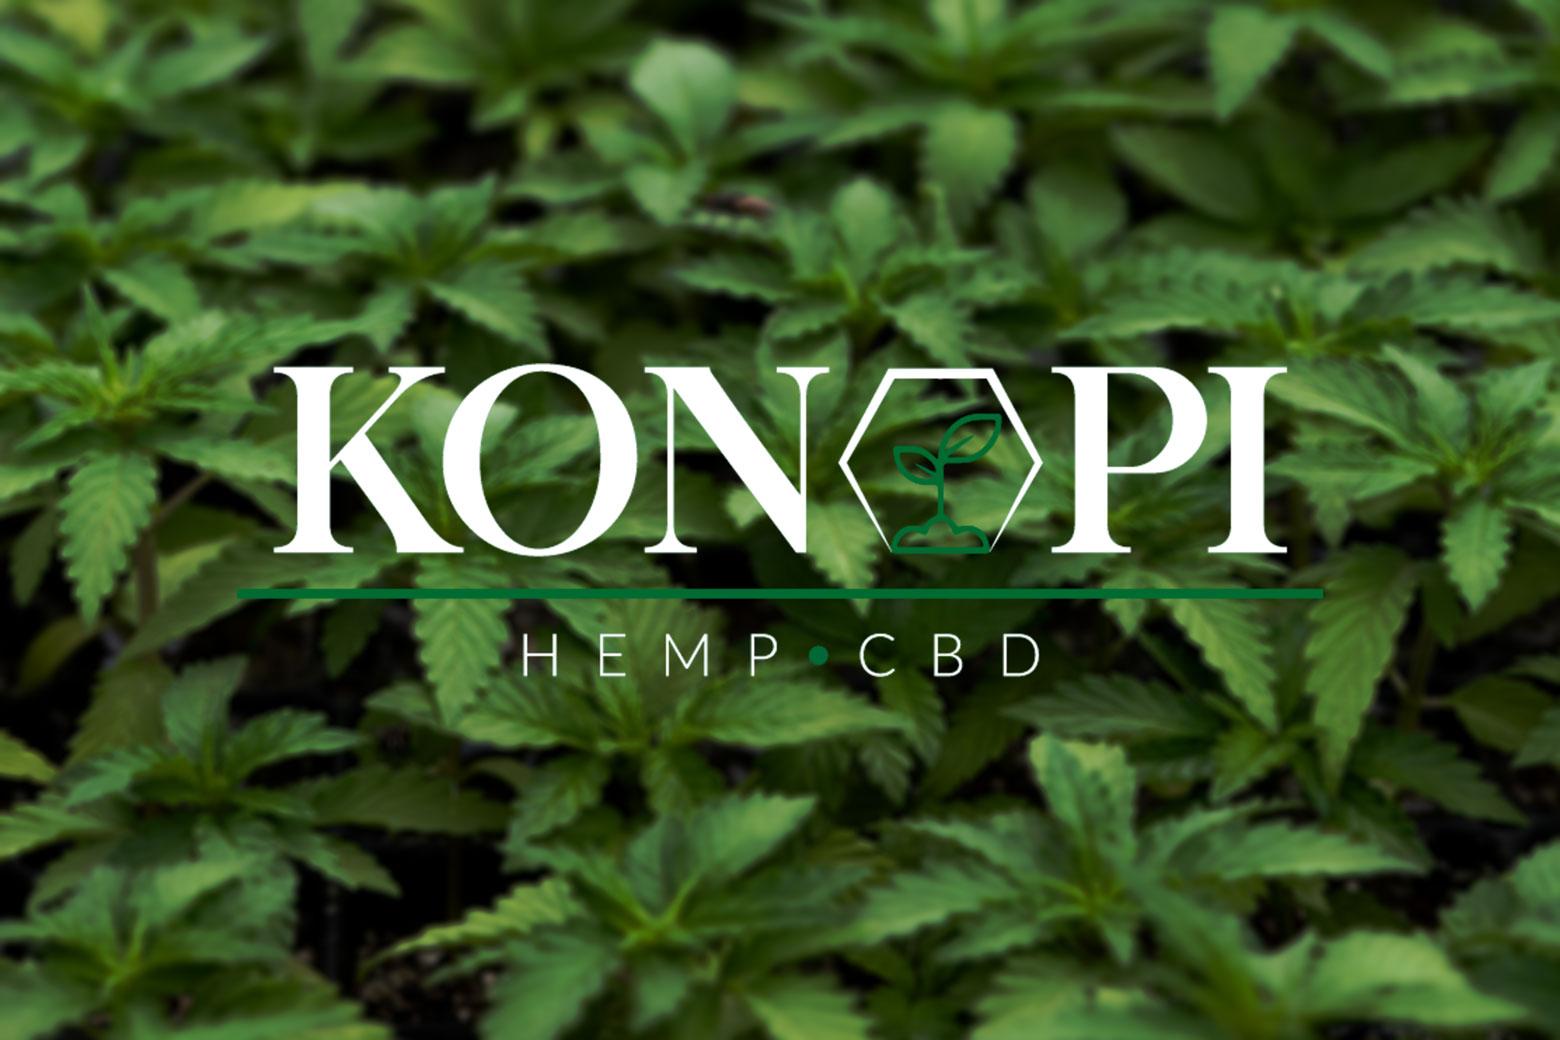 Konopi-logo-web.jpg